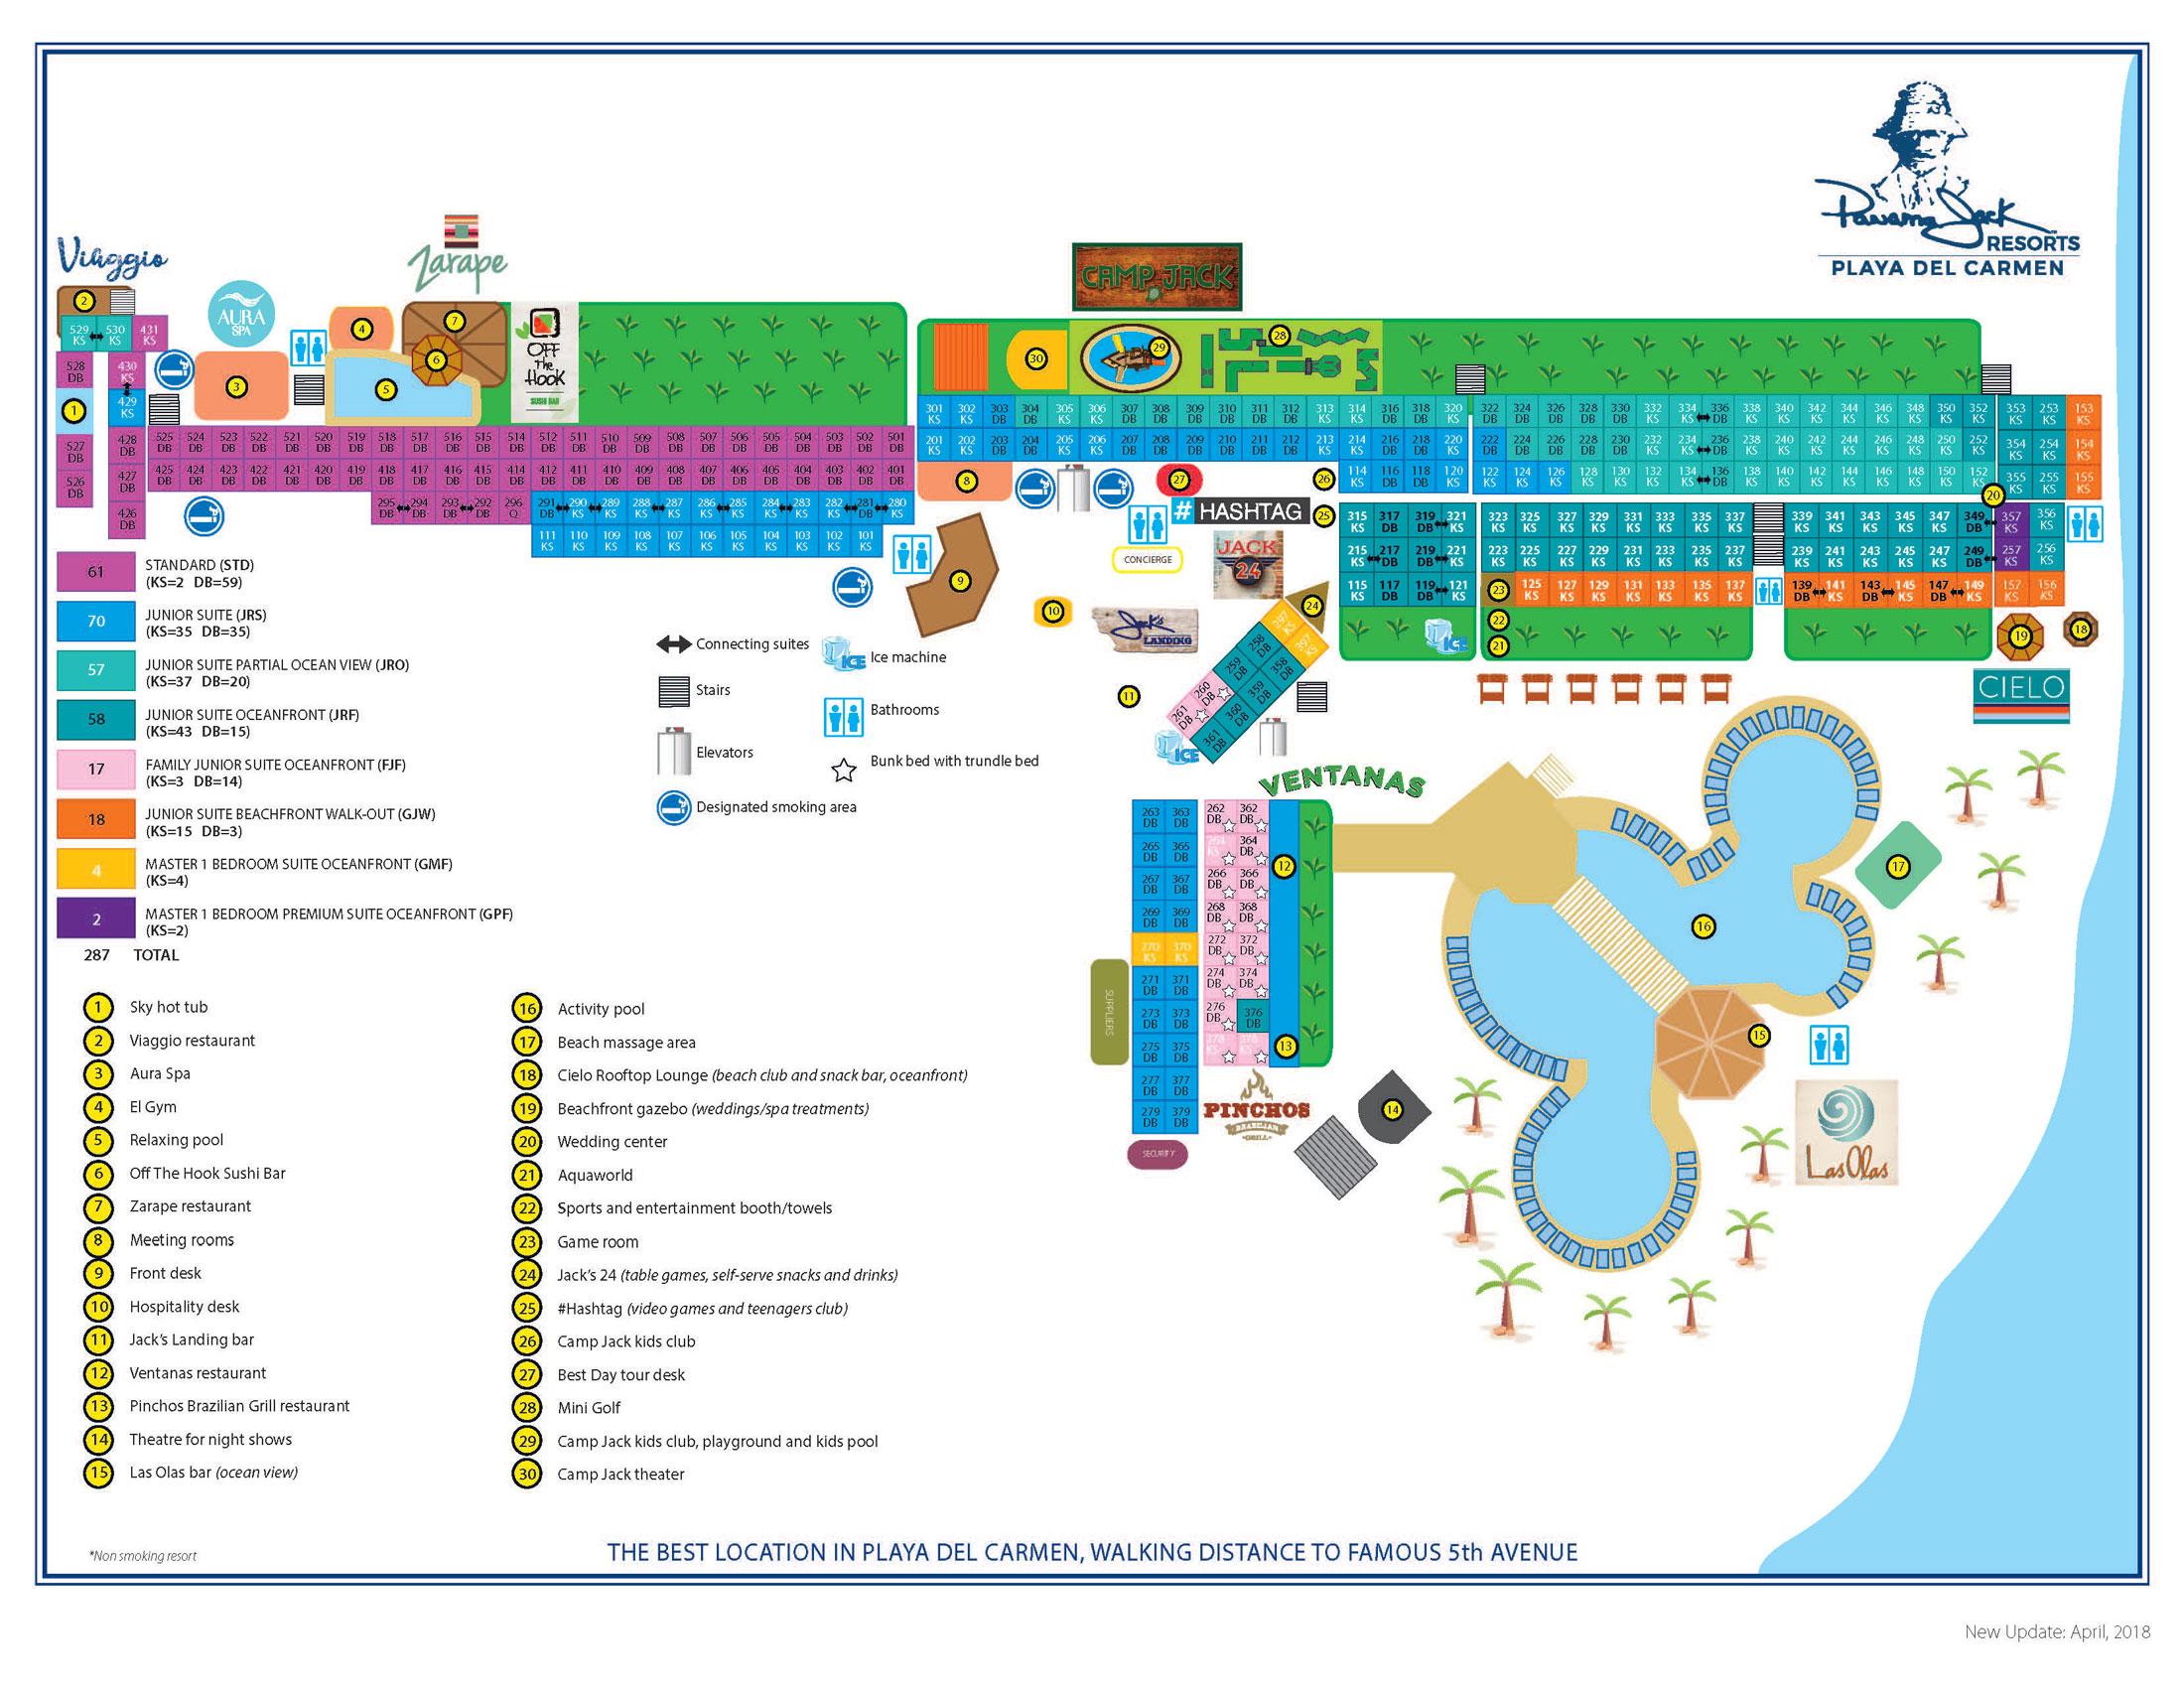 Porto Praya Map